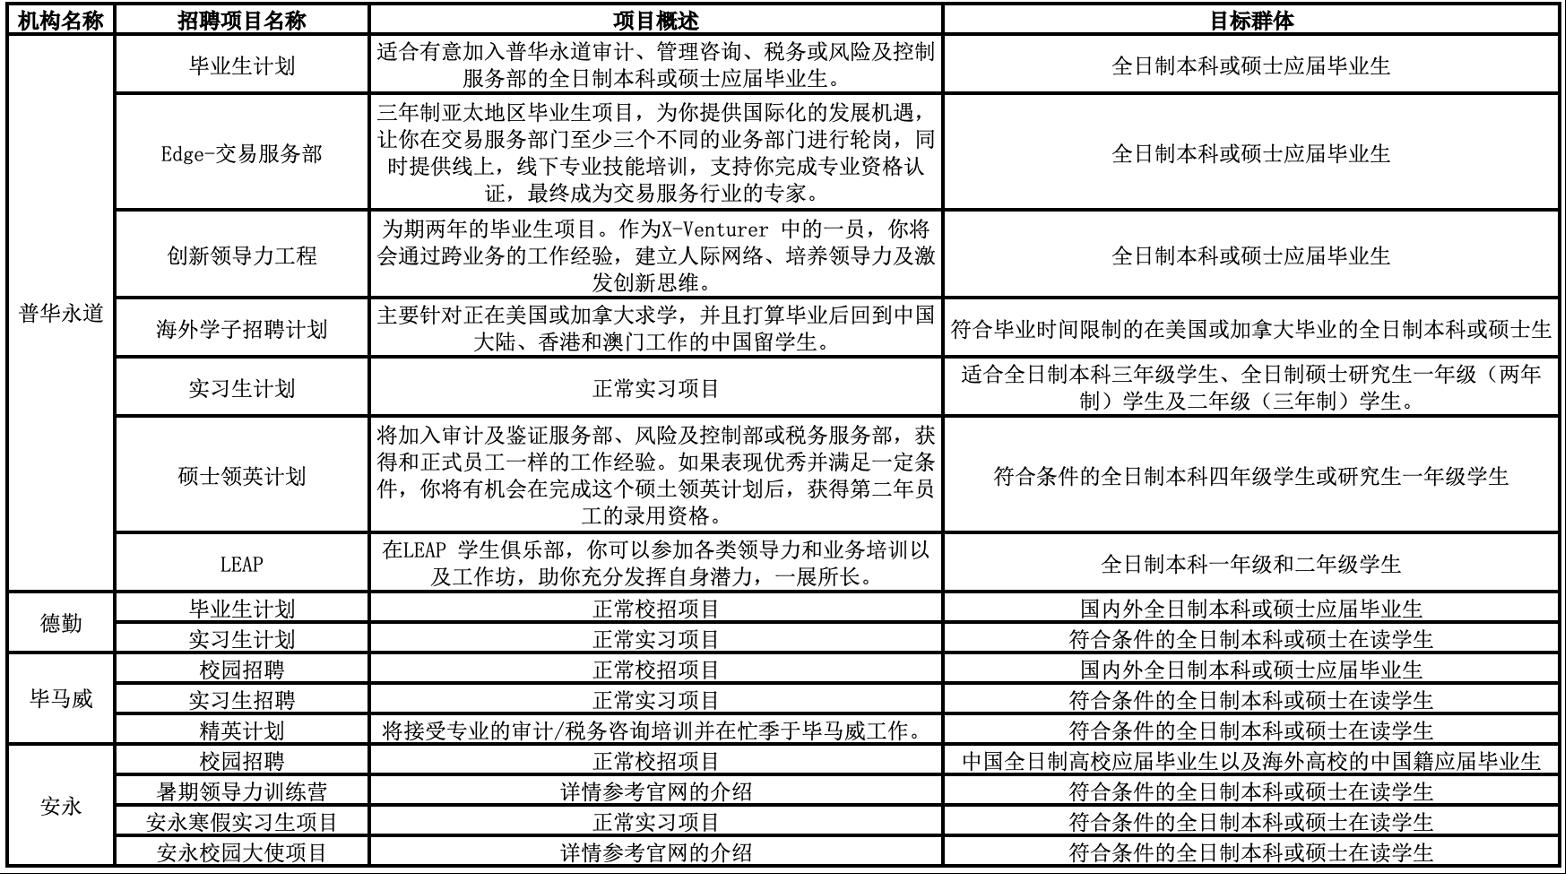 四大会计师事务所招聘条件(必知的四大会计师事务所知识)